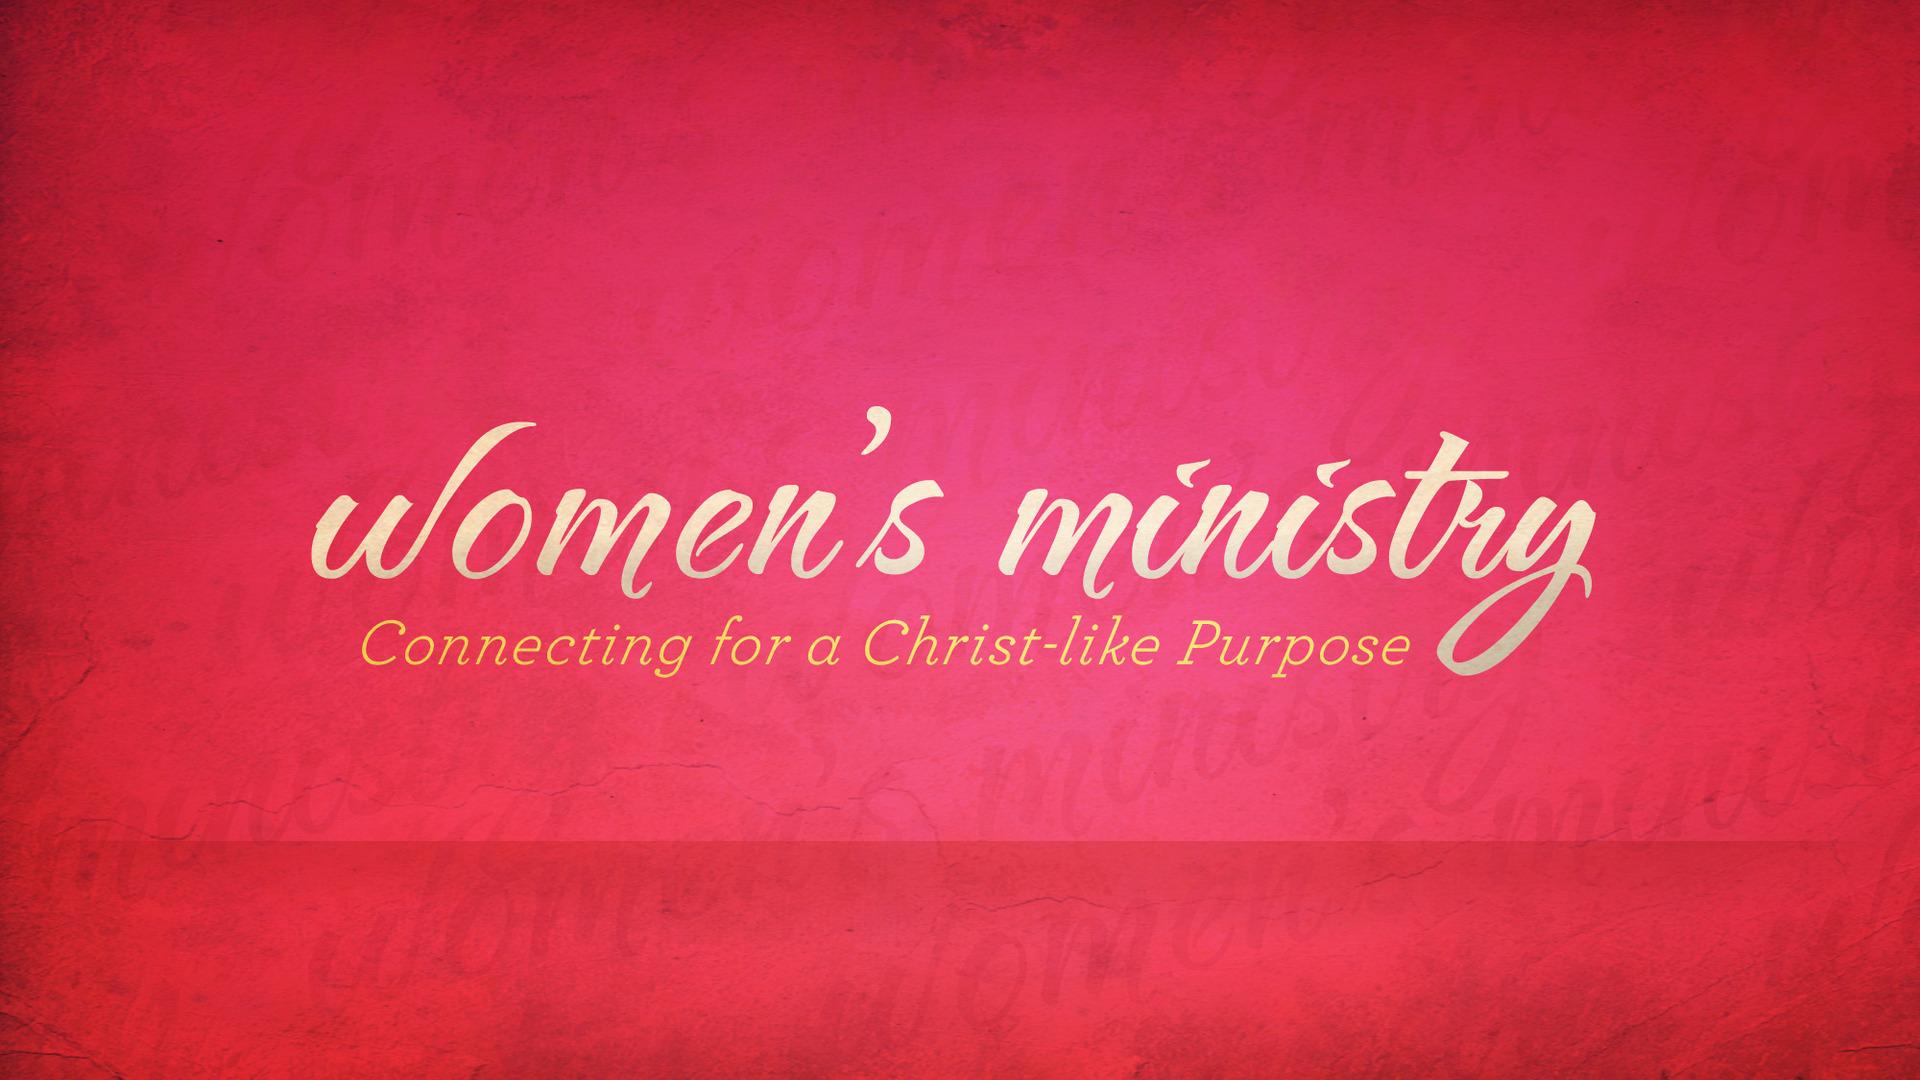 women_s_ministry-title-1-Wide 16x9.jpg